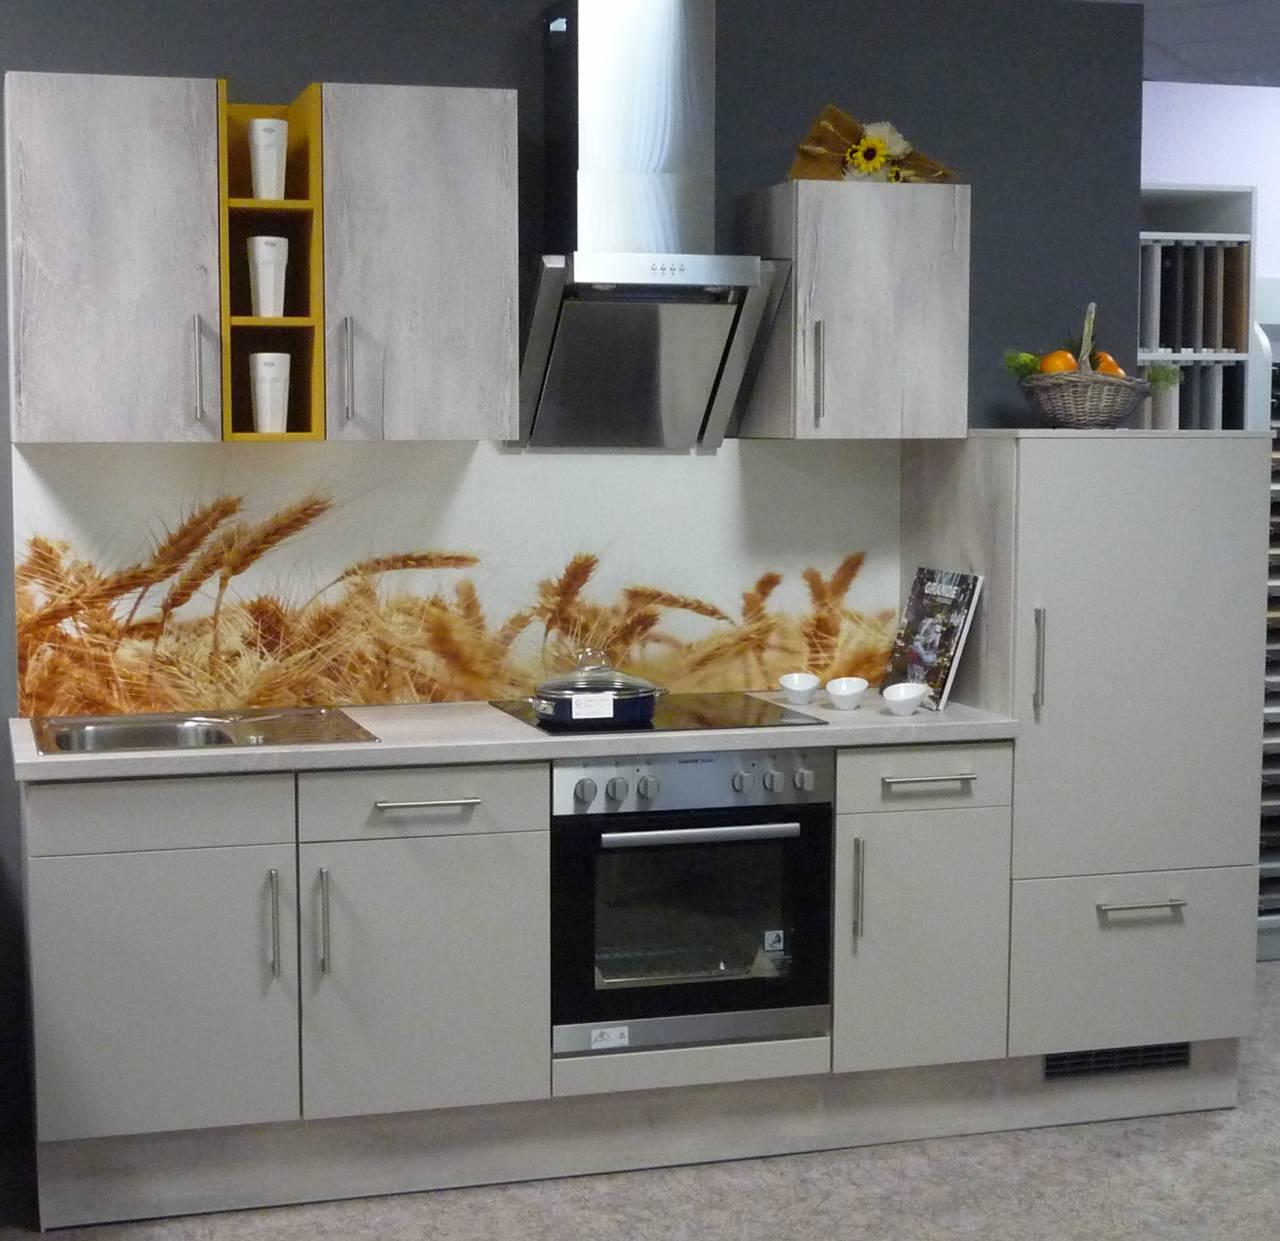 Einbauküche - Polstermueller aus Burgstädt